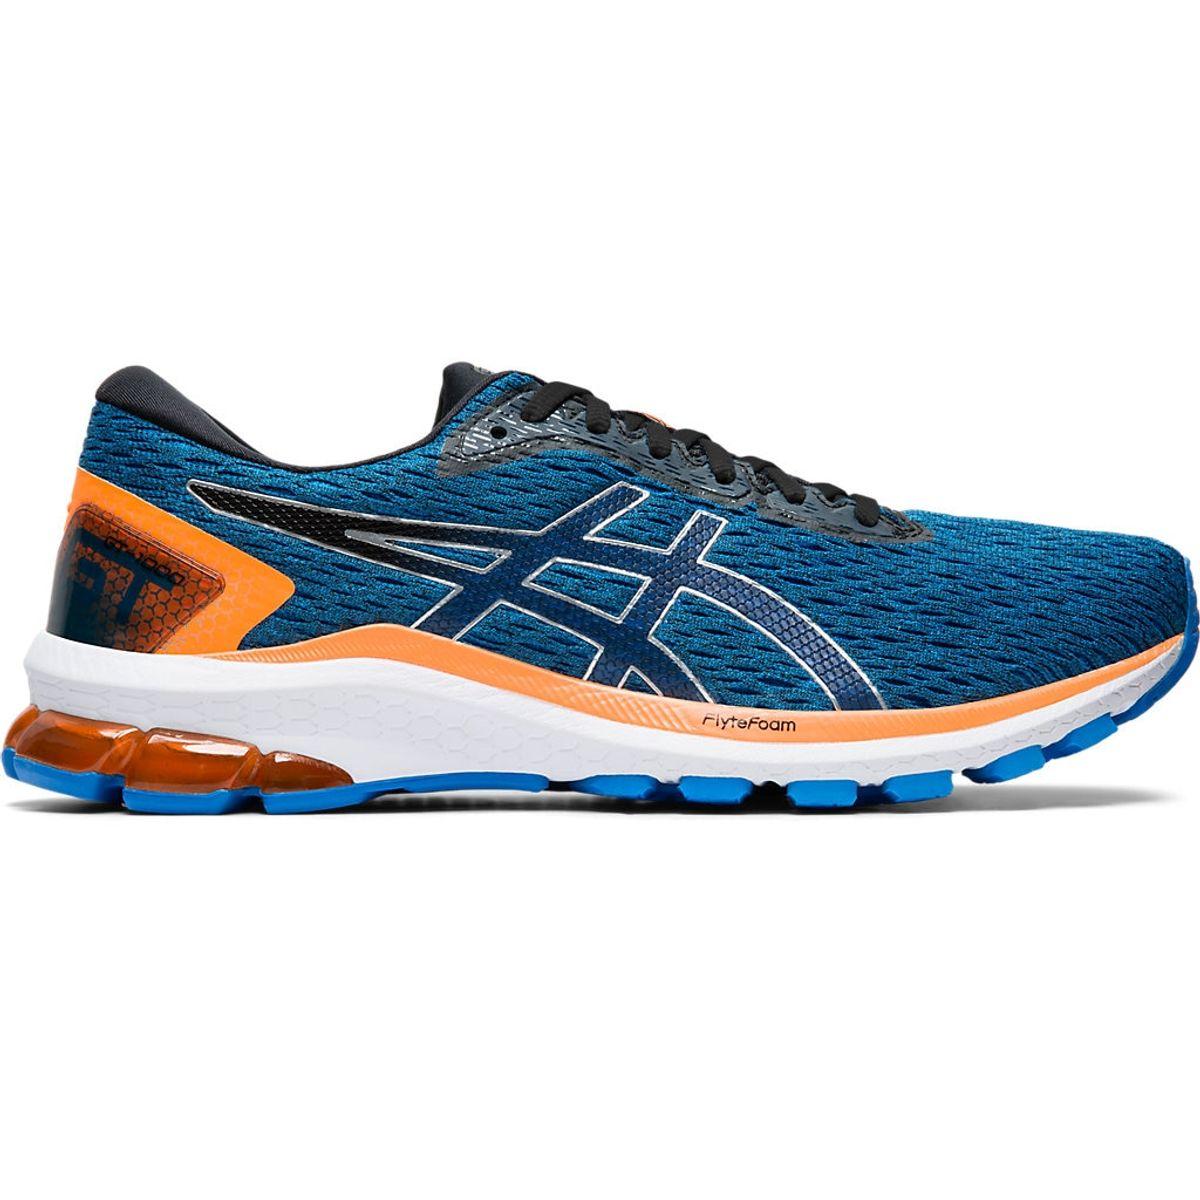 Tenis-ASICS-GT-1000-9---Masculino---Azul-e-Preto